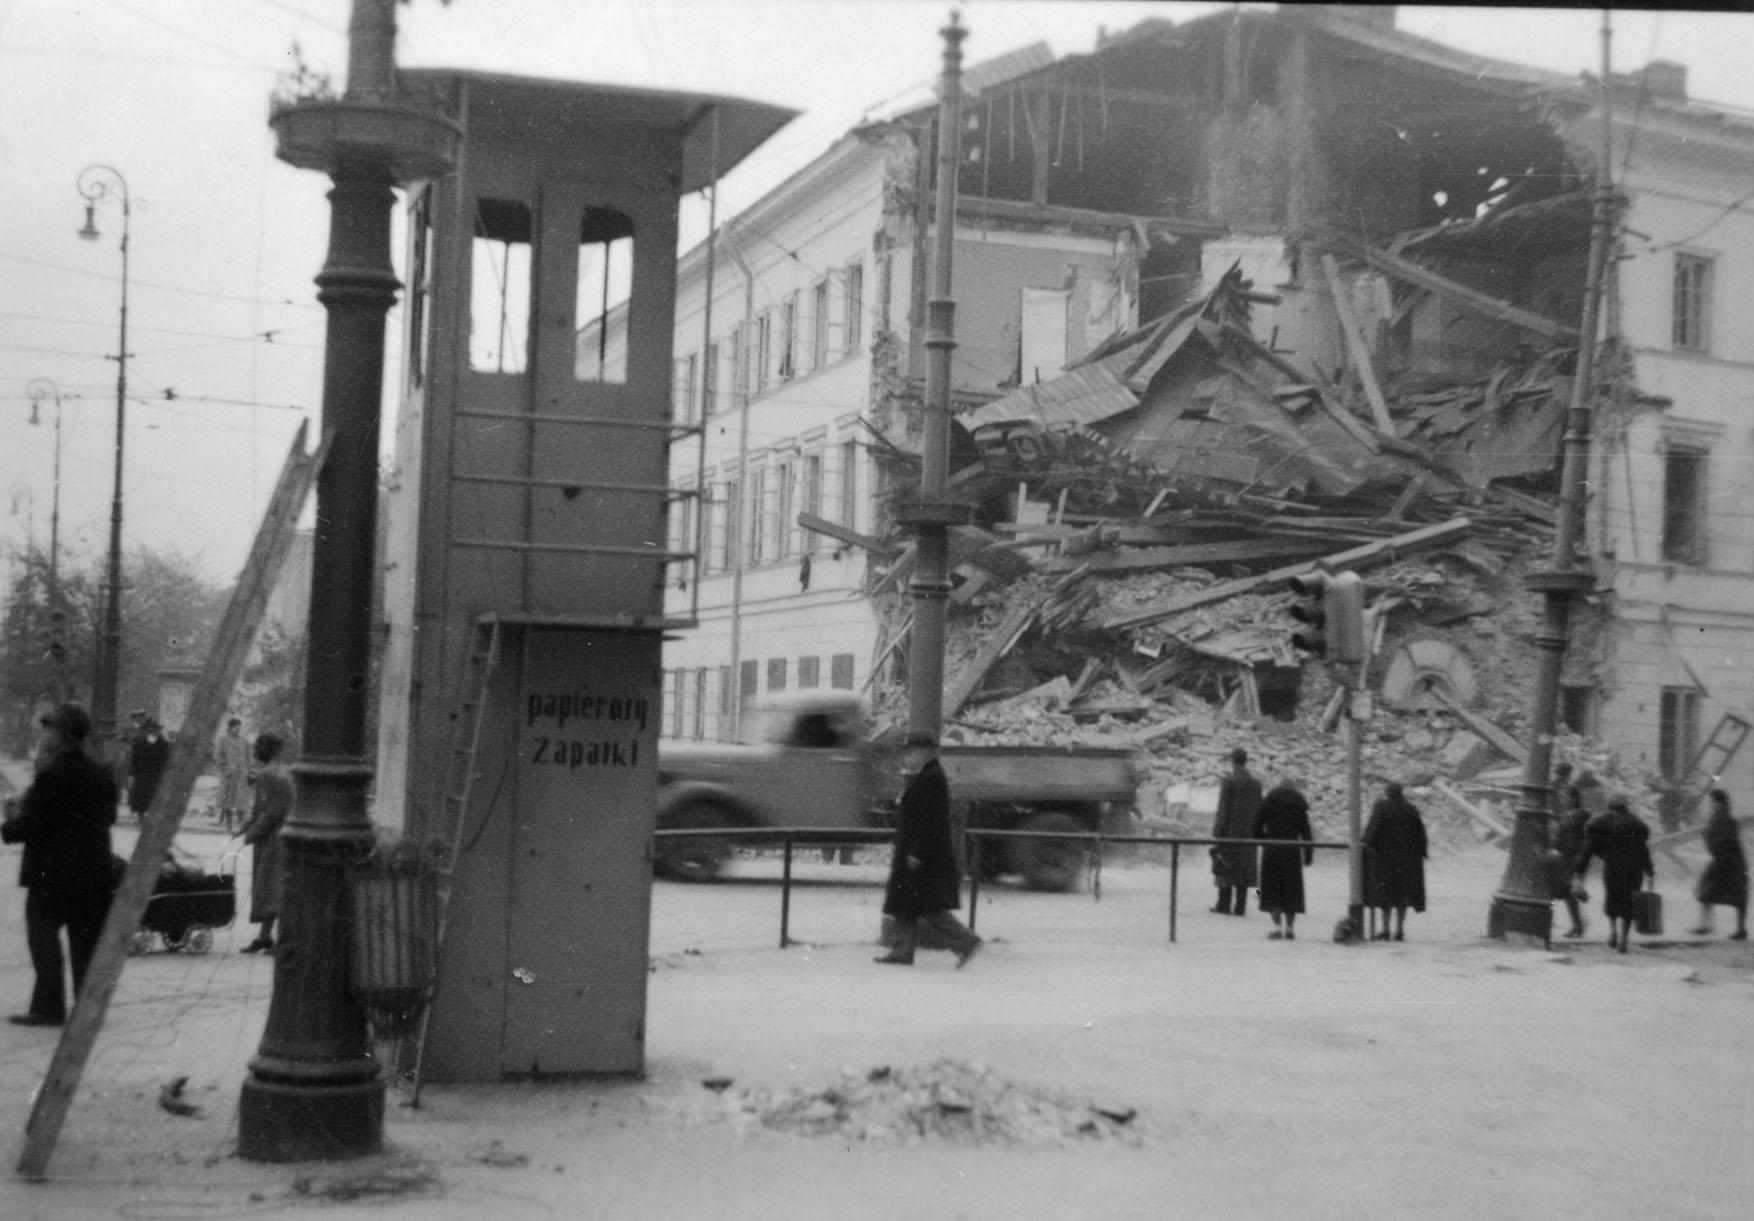 01-zniszczona-kamienica-u-zbiegu-nowego-swiatu-i-al-3-maja-pozytyw-w-zbiorach-muzeum-powstania-warszawskiego